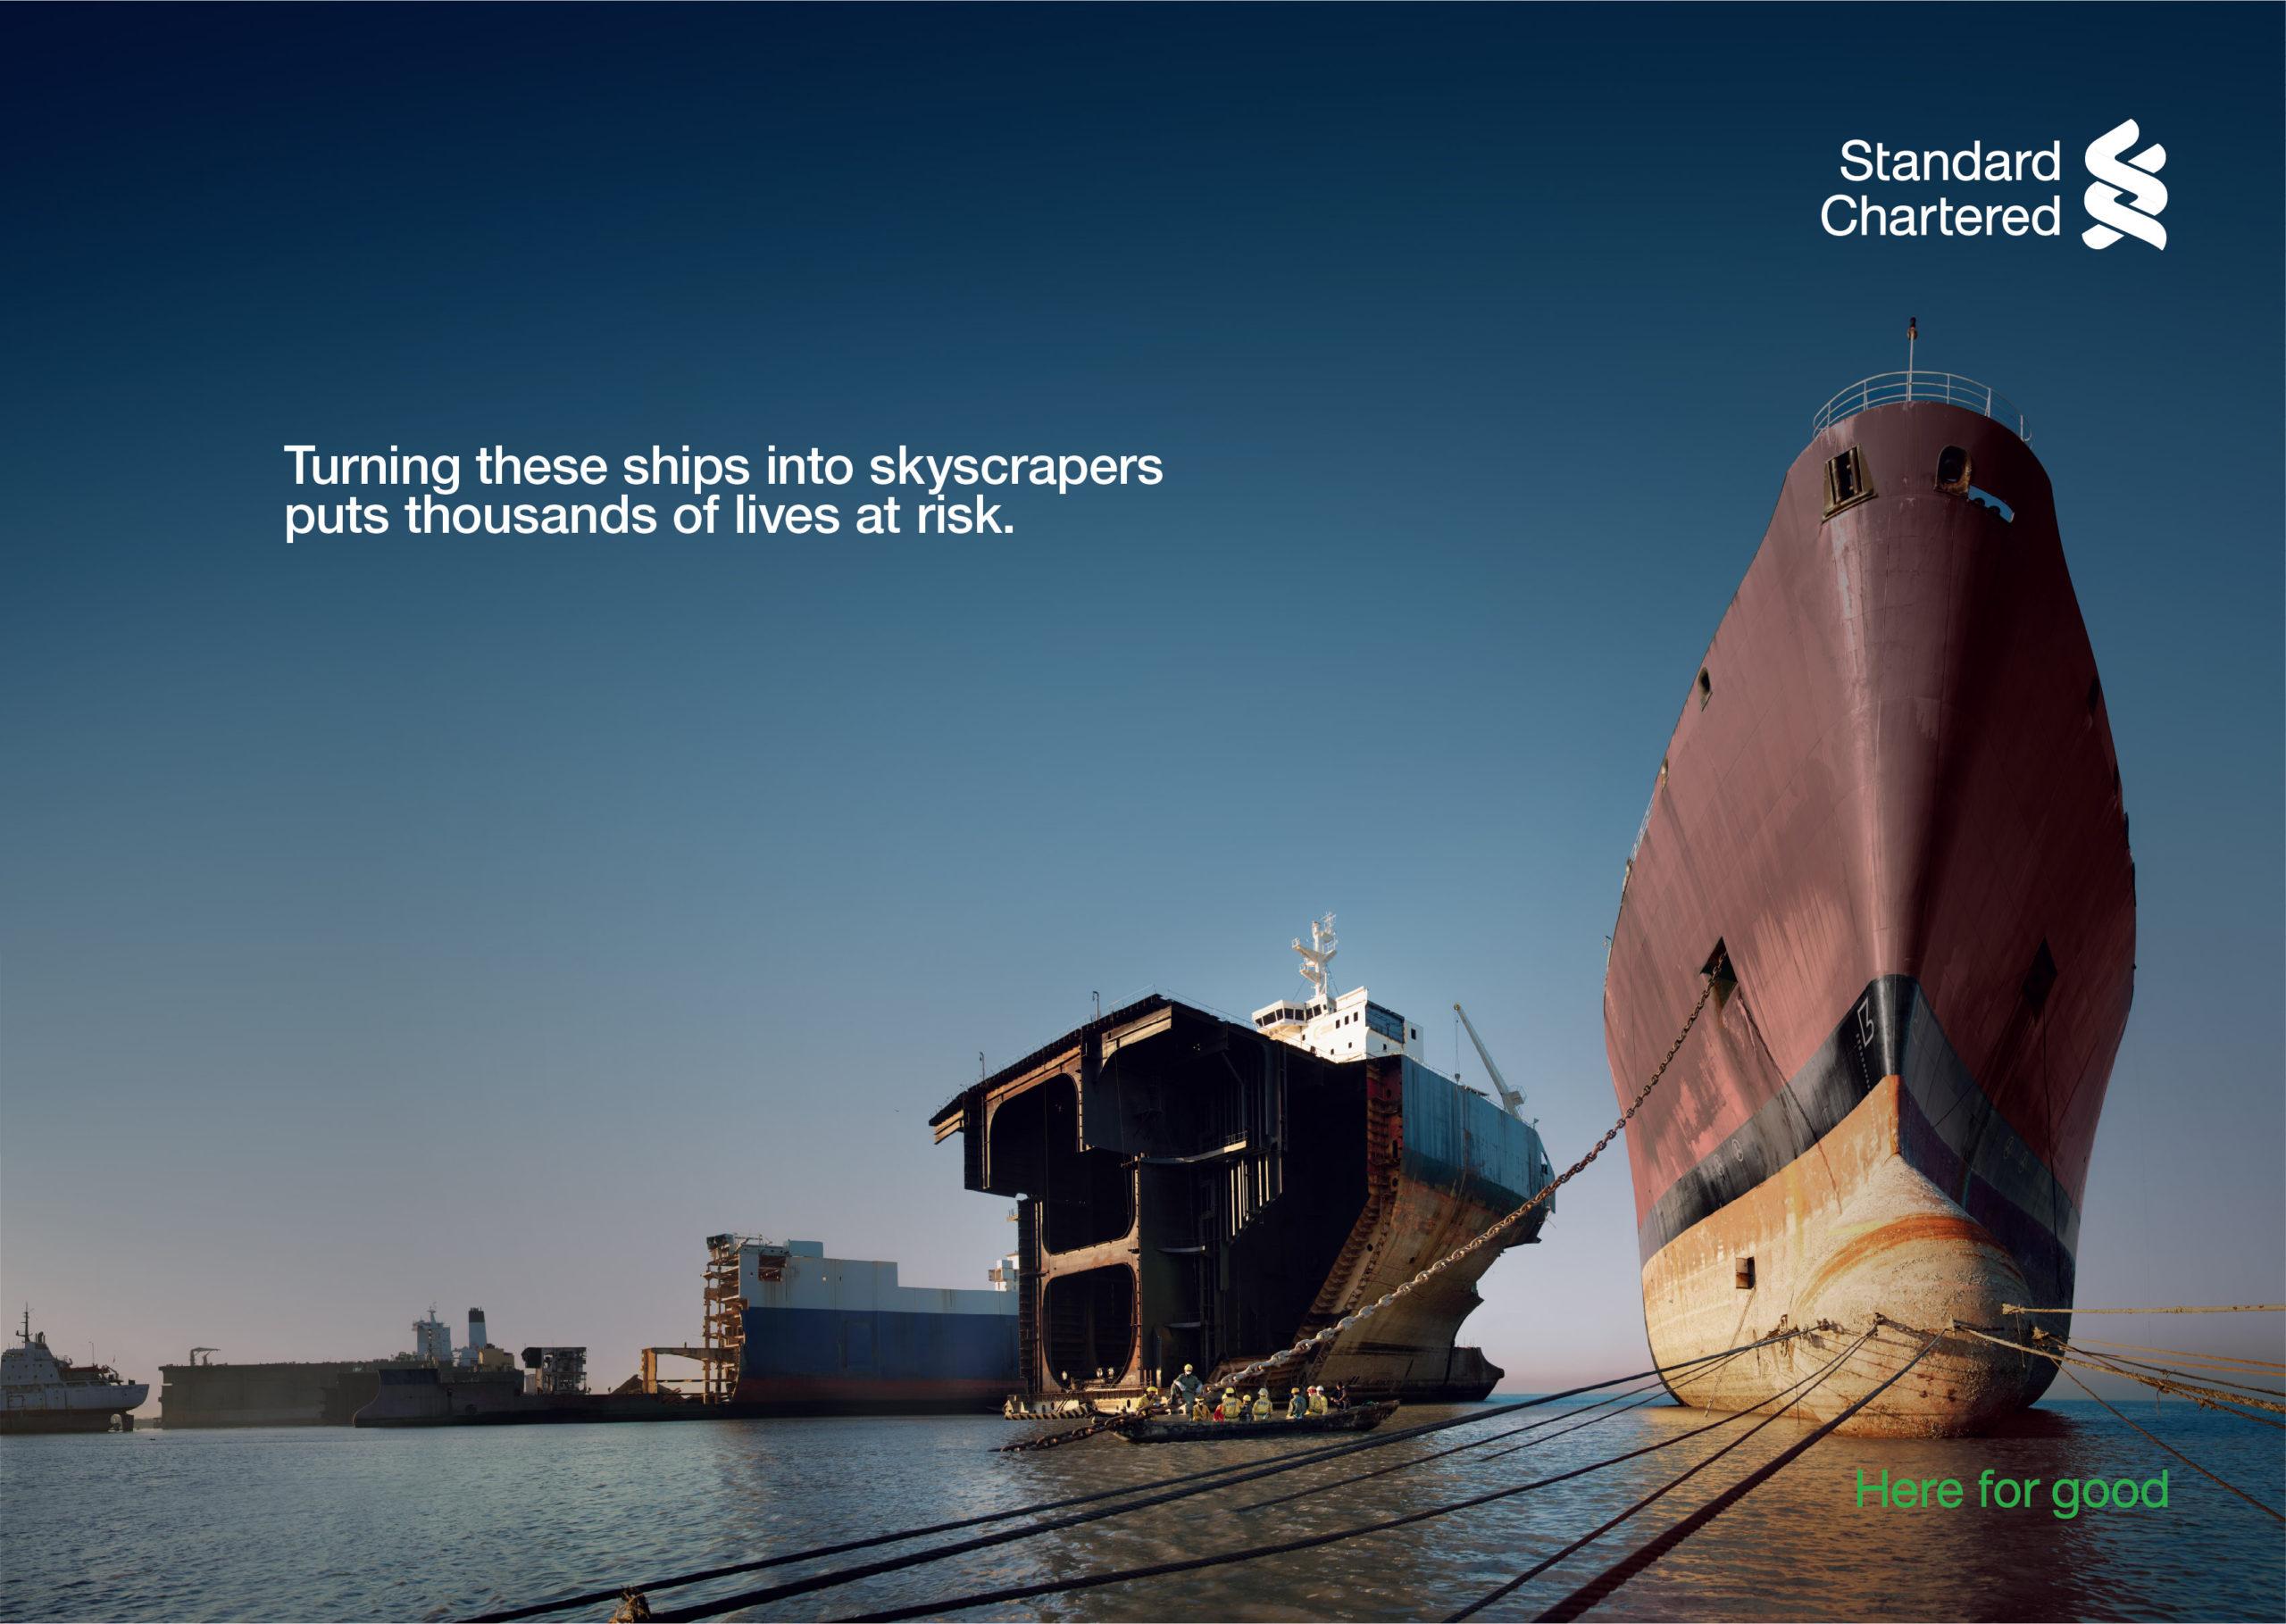 sc-ships-horz-2